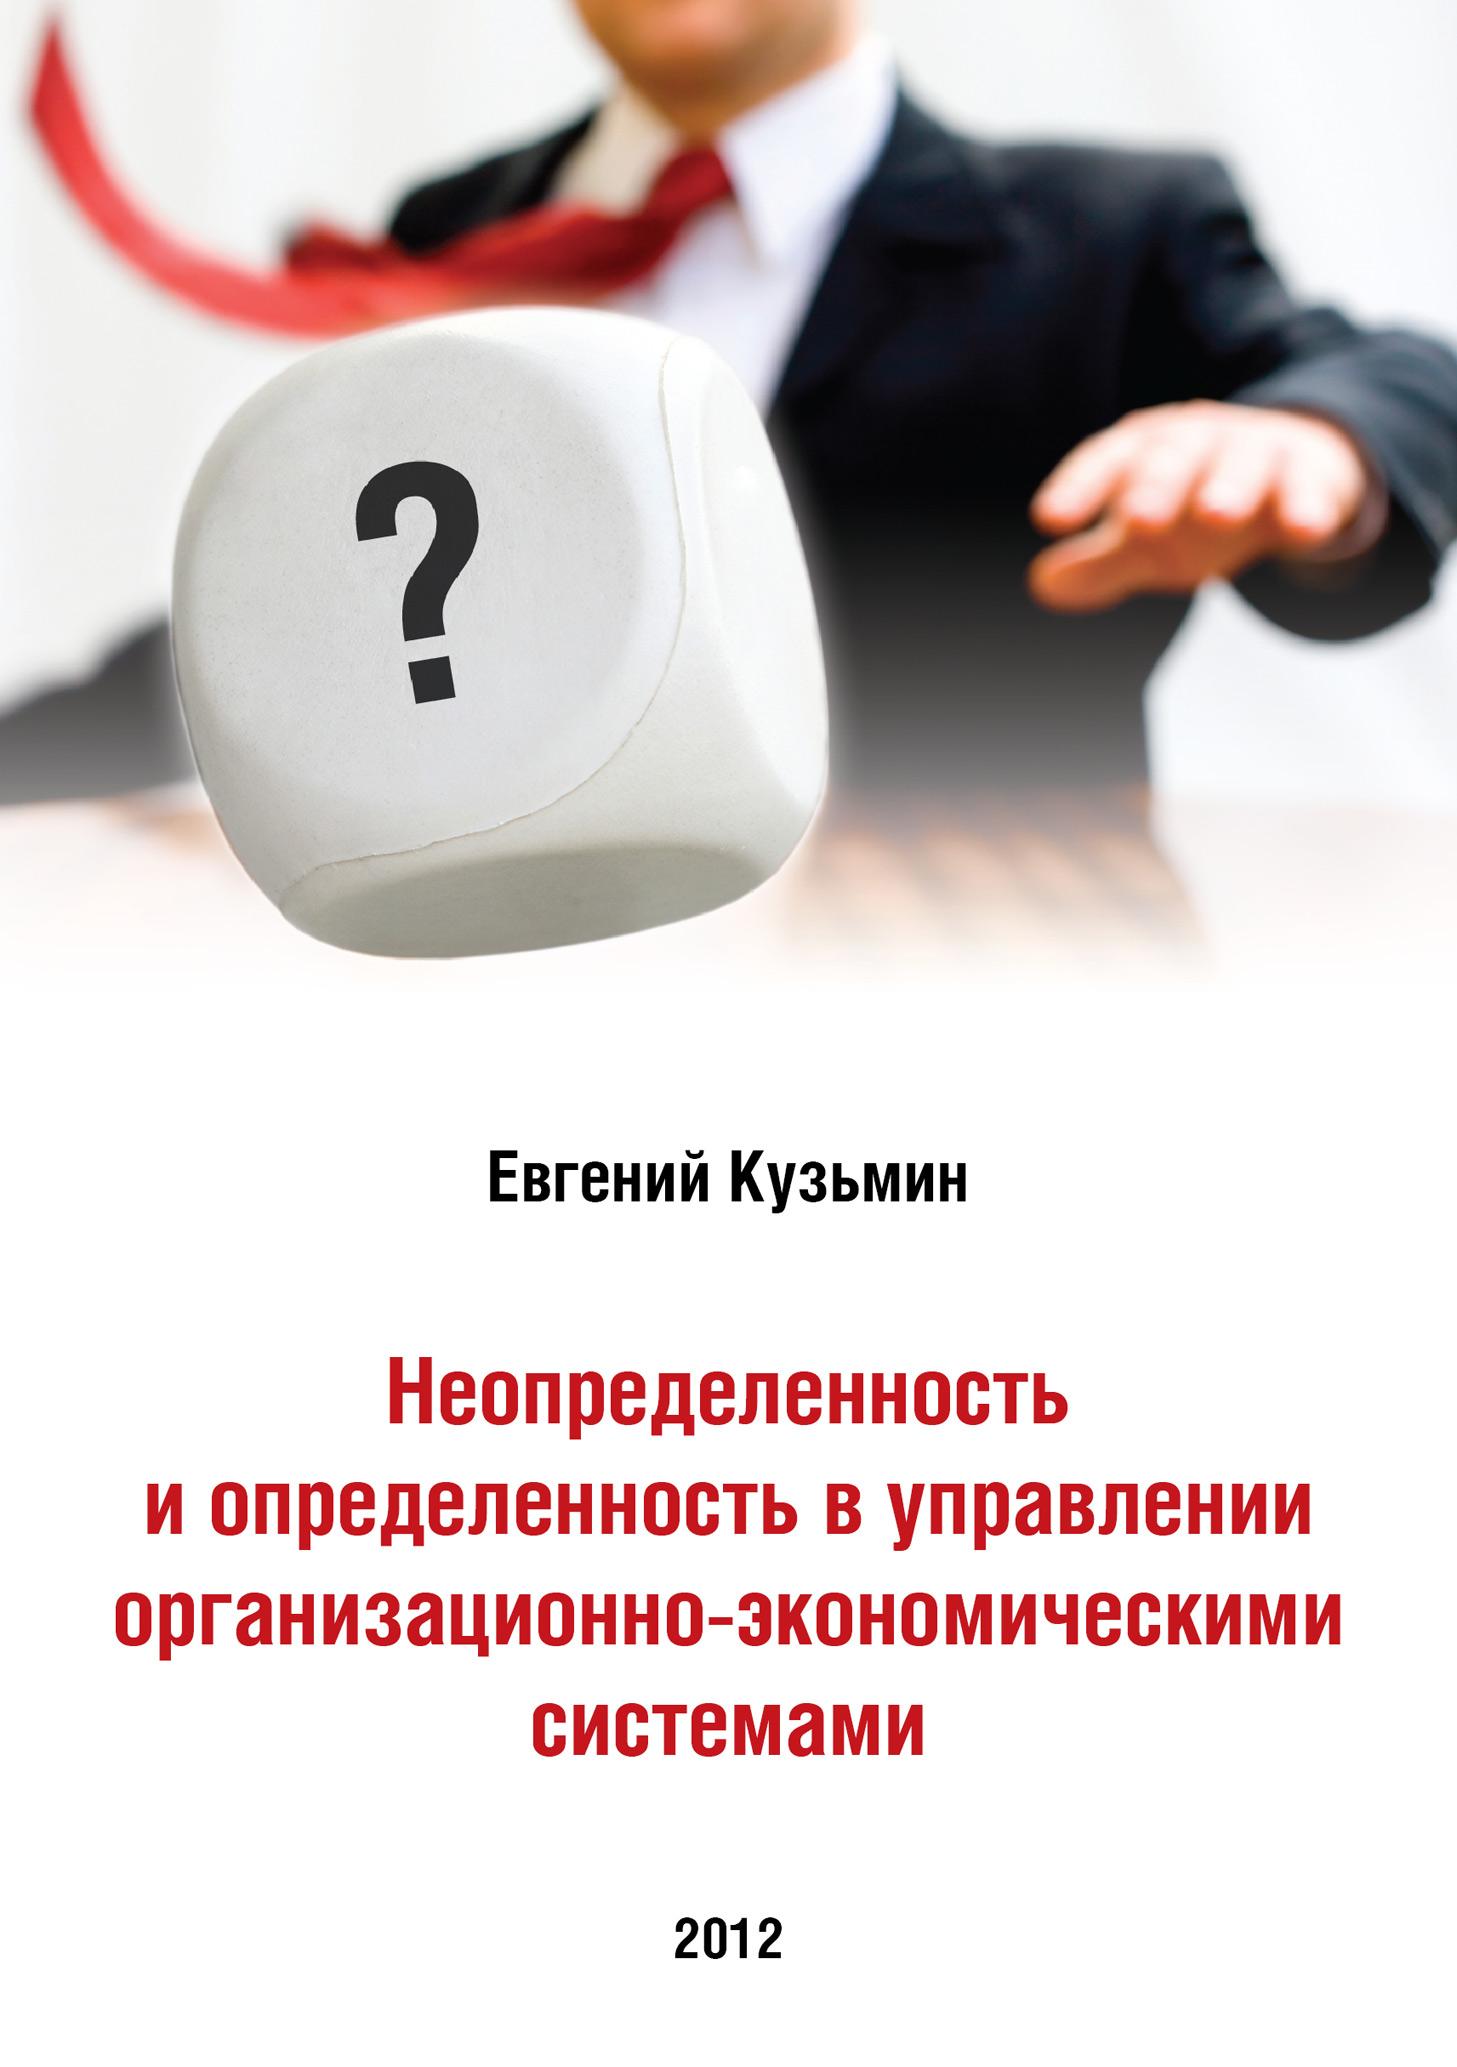 Евгений Кузьмин Неопределенность и определенность в управлении организационно-экономическими системами